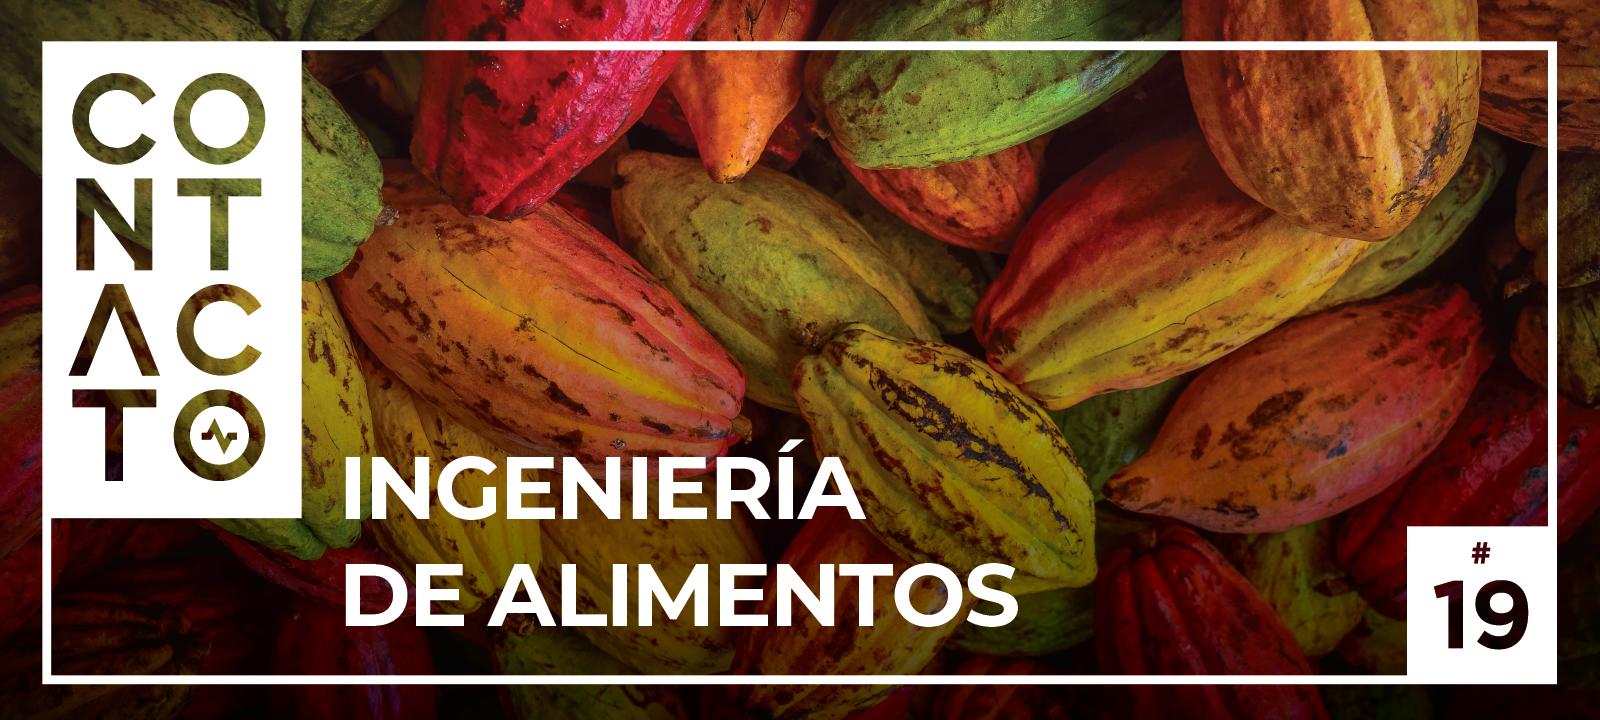 Revista Contacto de la Universidad de los Andes. Edición: Ingeniería de alimentos